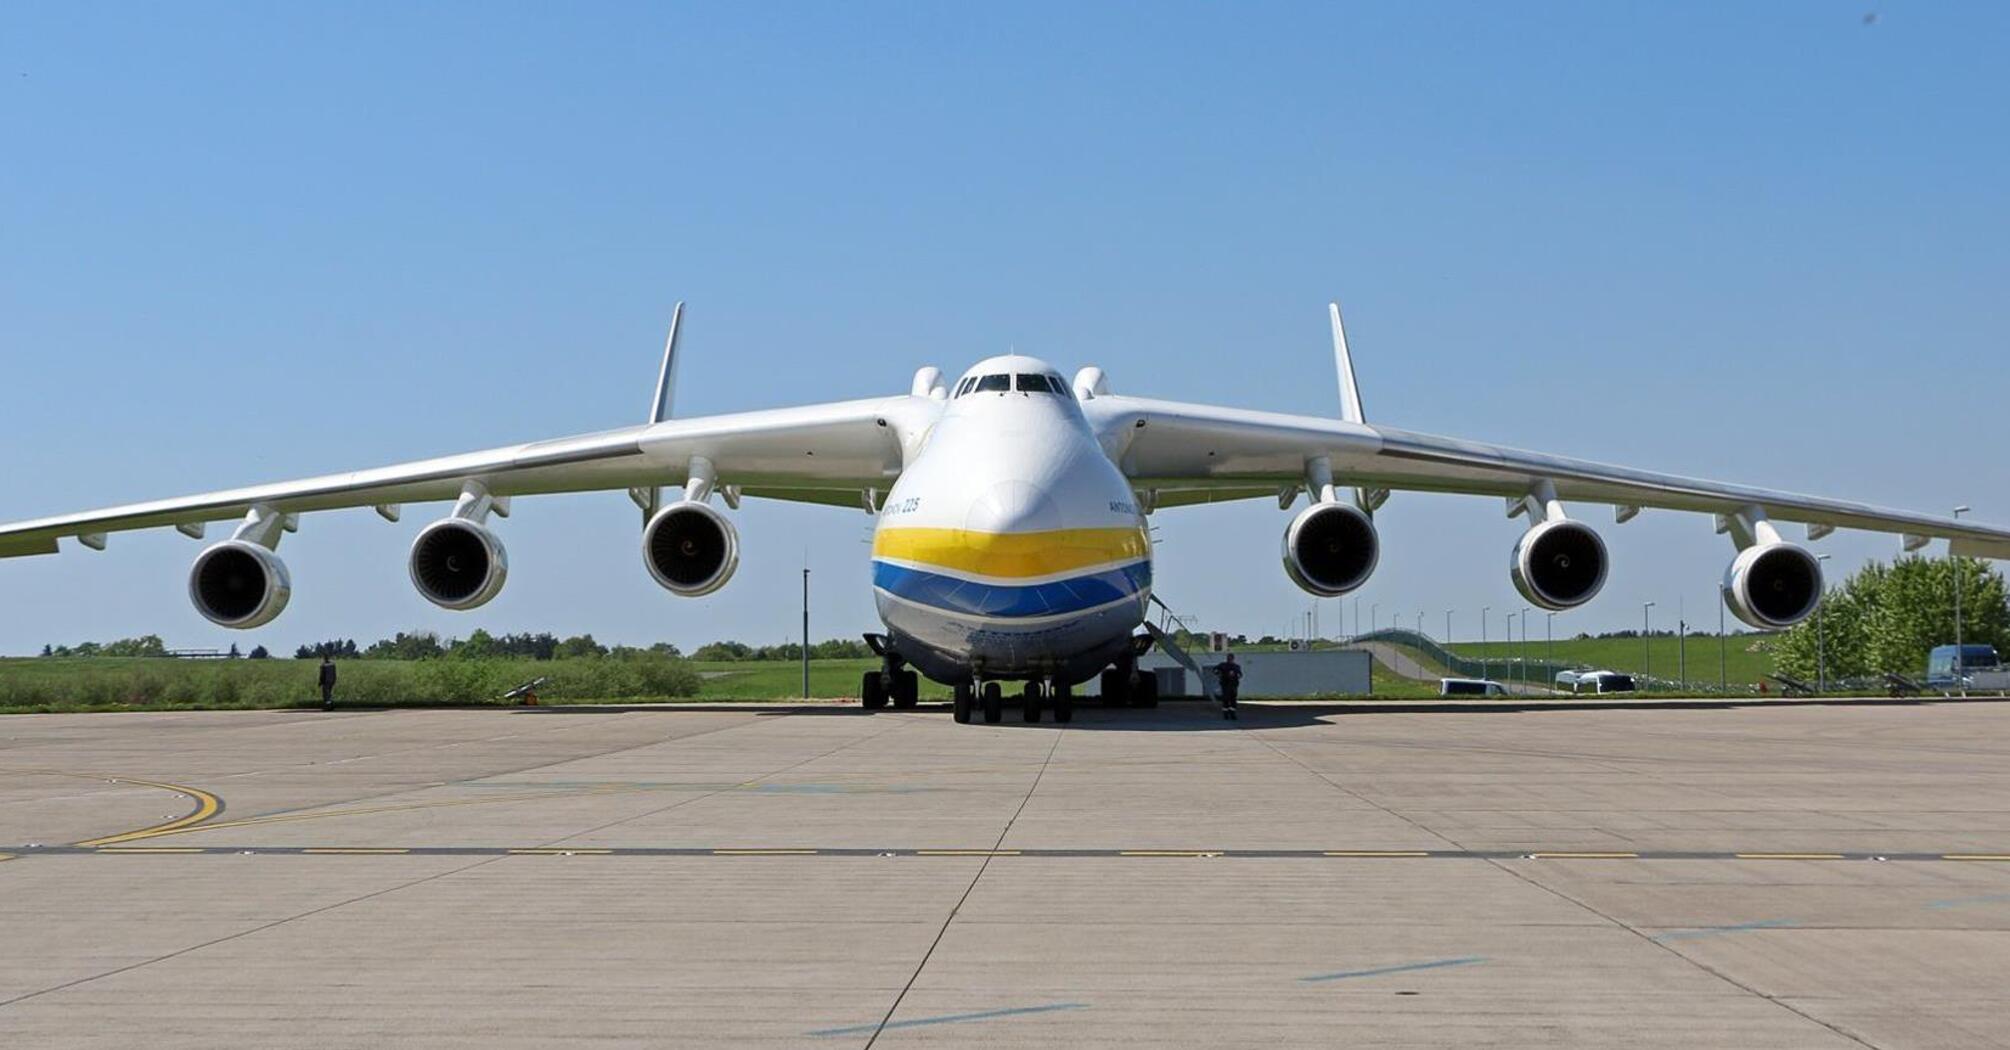 """Український літак """"Мрія"""" доставив до Ізраїлю військовий вантаж з США: ефектне відео приземлення"""